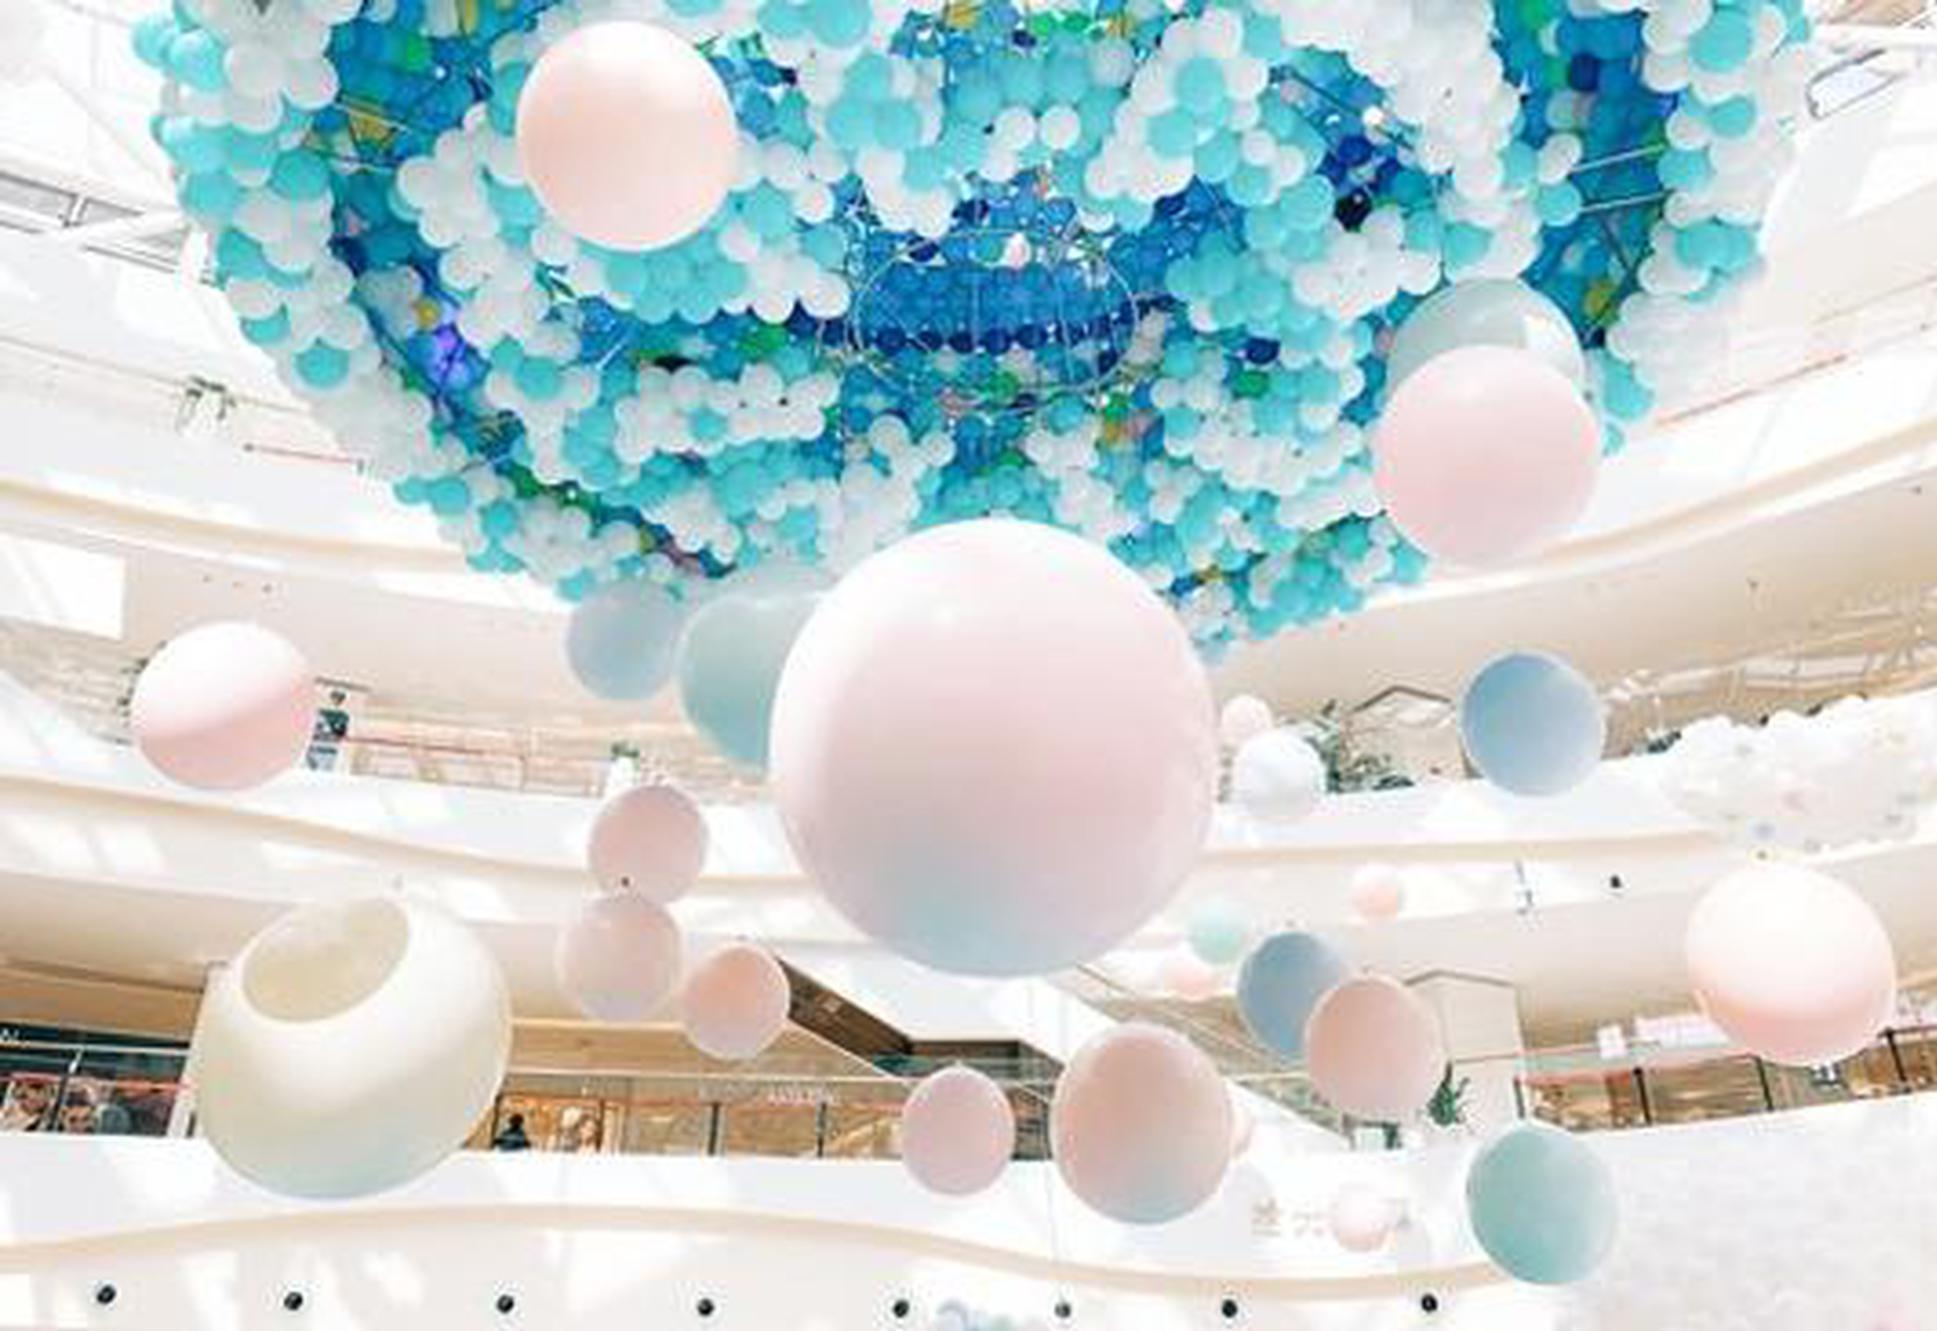 西安大悦城30万只气球包围的梦境